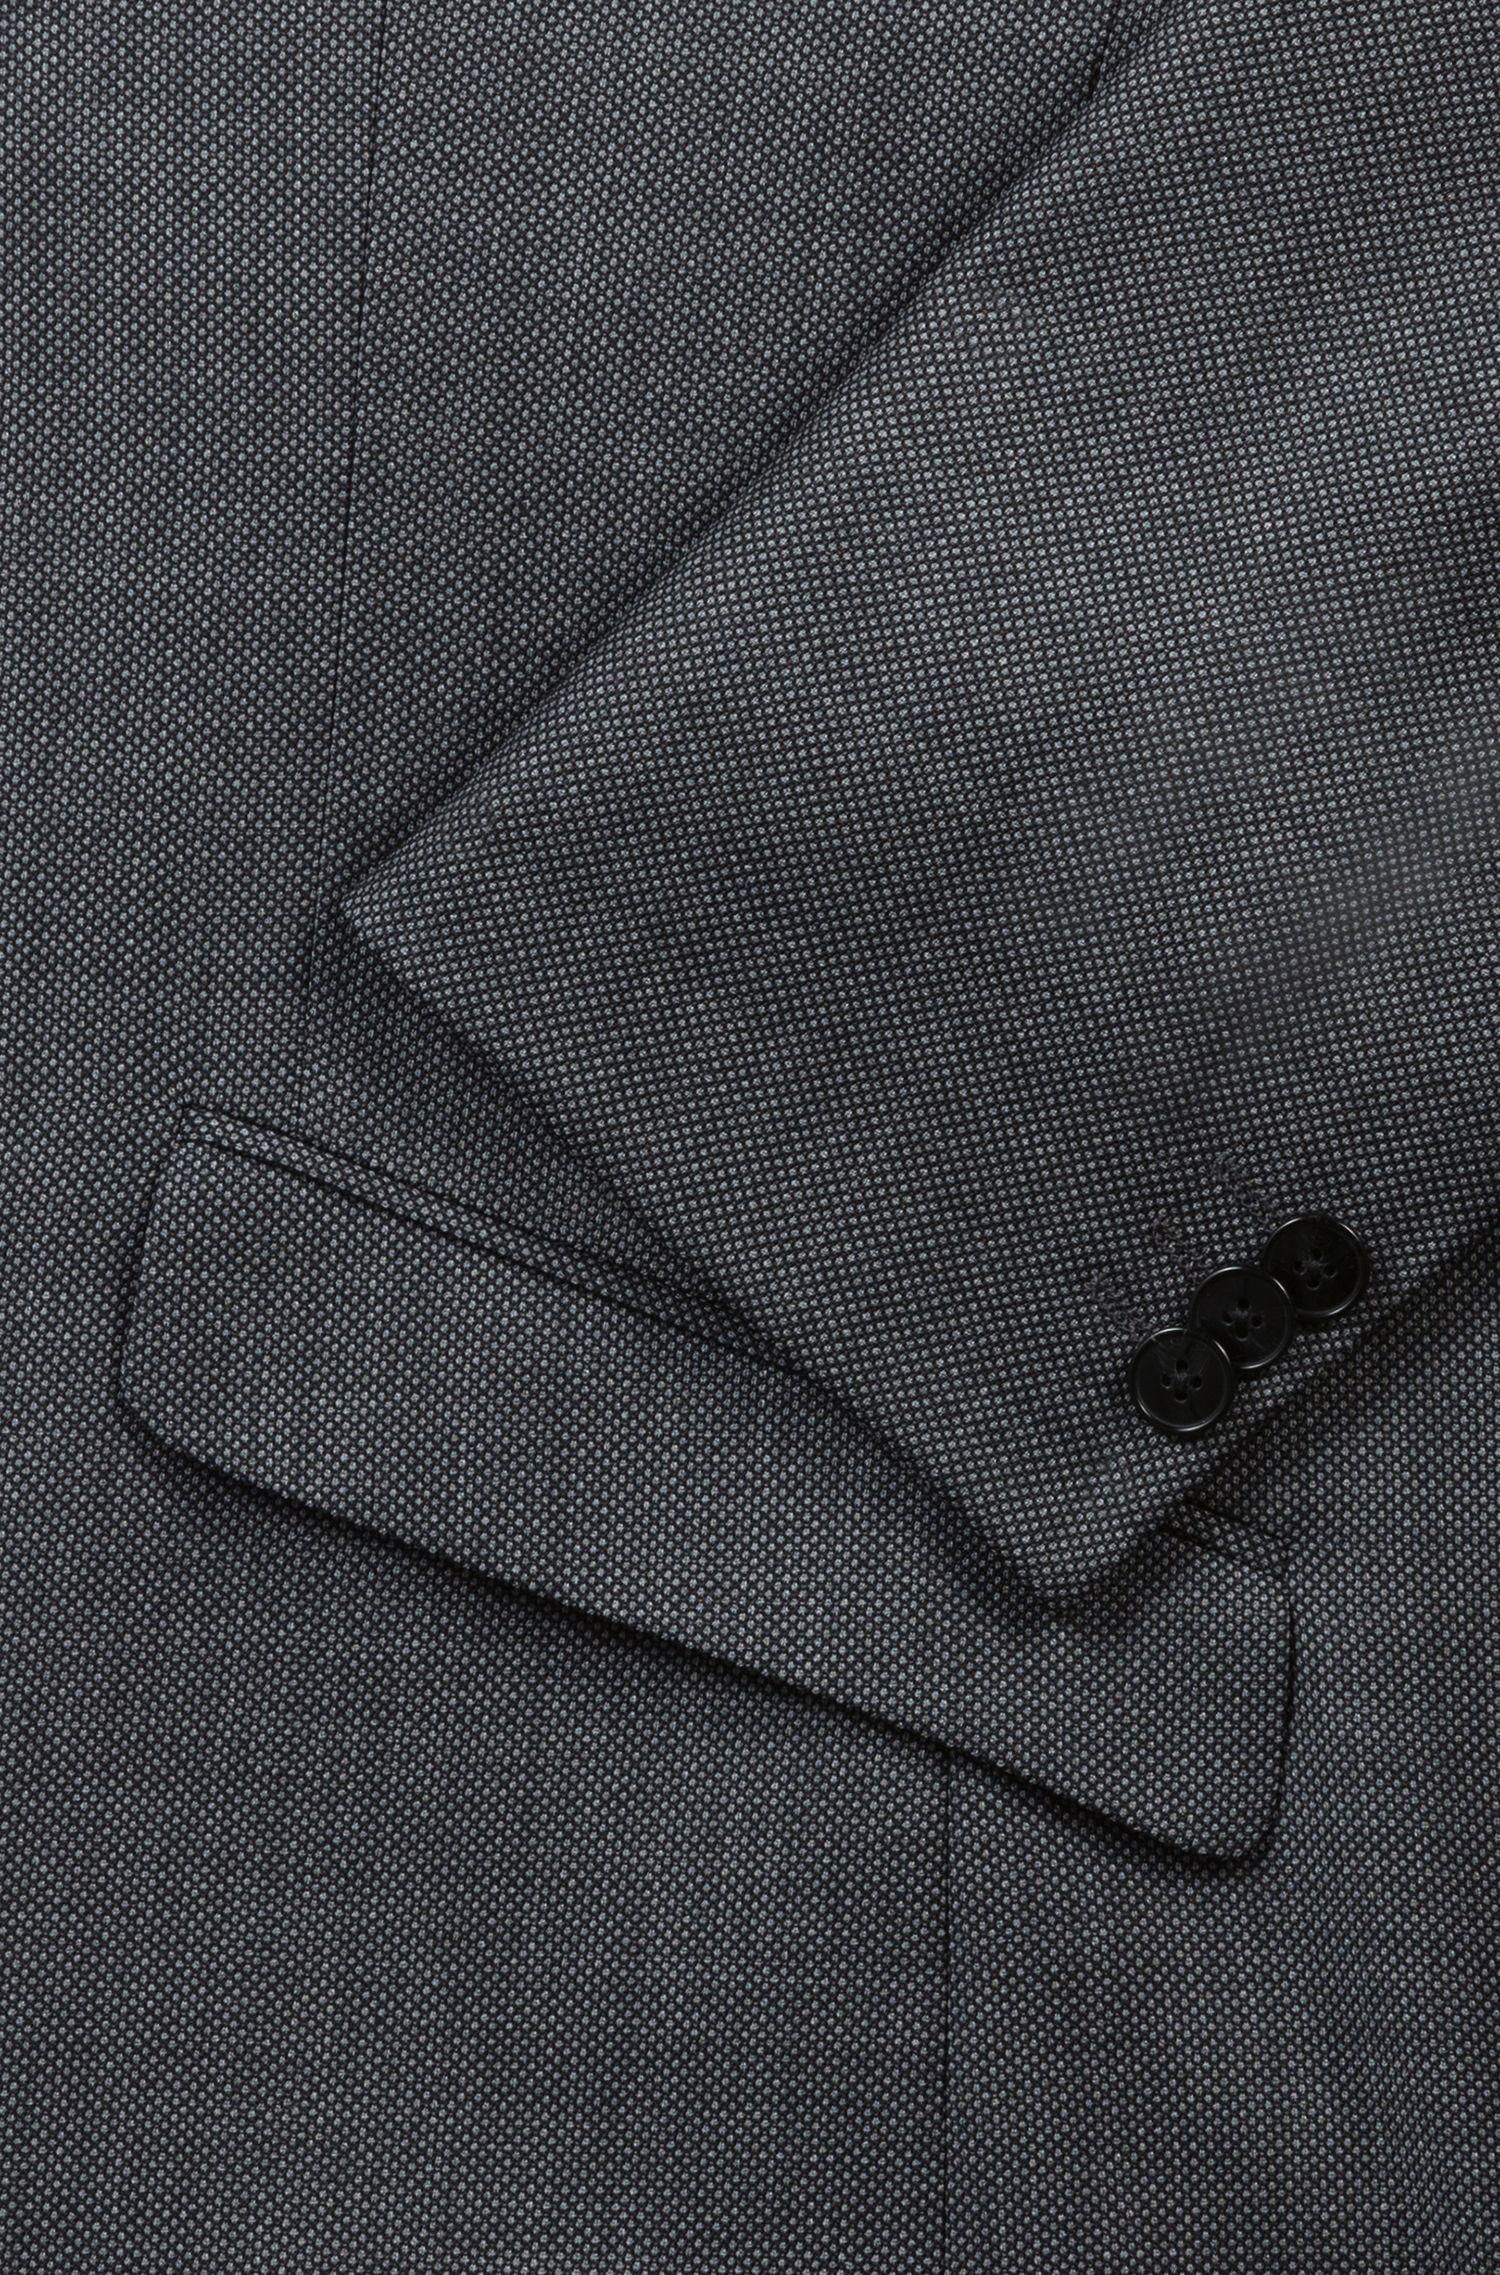 Abito extra slim fit in lana con microdisegni, Grigio antracite